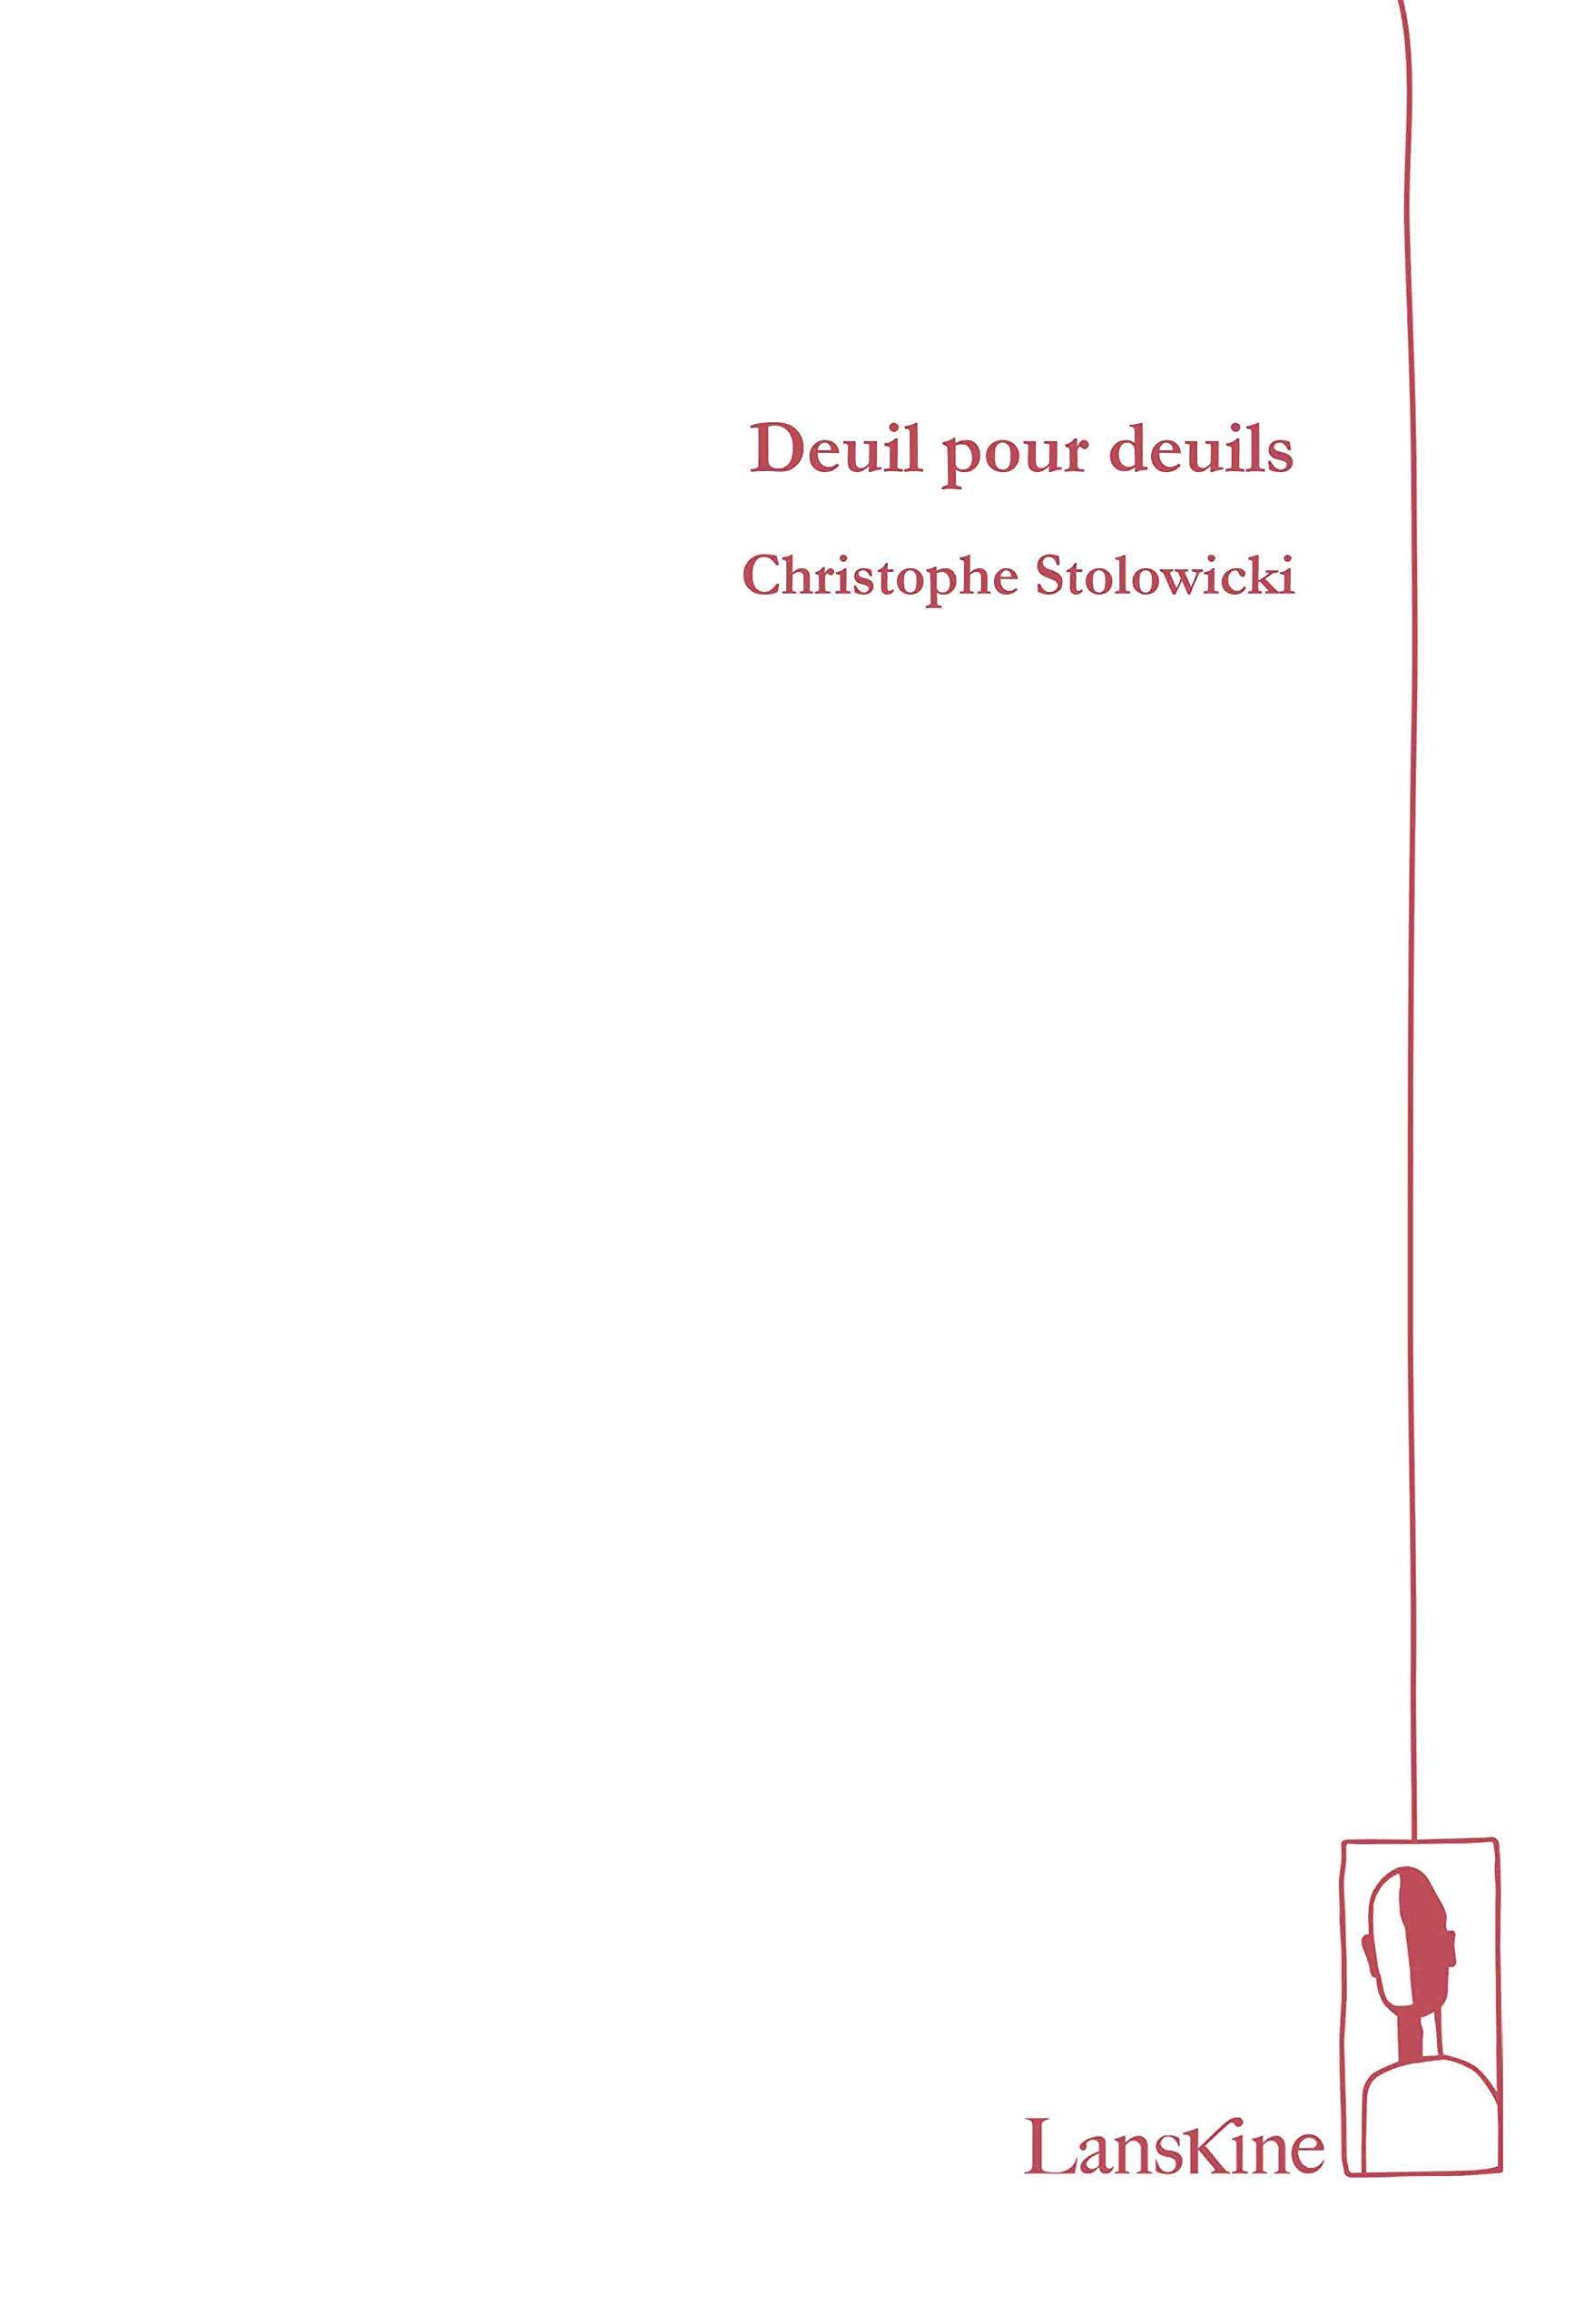 """Résultat de recherche d'images pour """"DEUIL POUR DEUIL Christophe STOLOWICKI lanskine editions"""""""